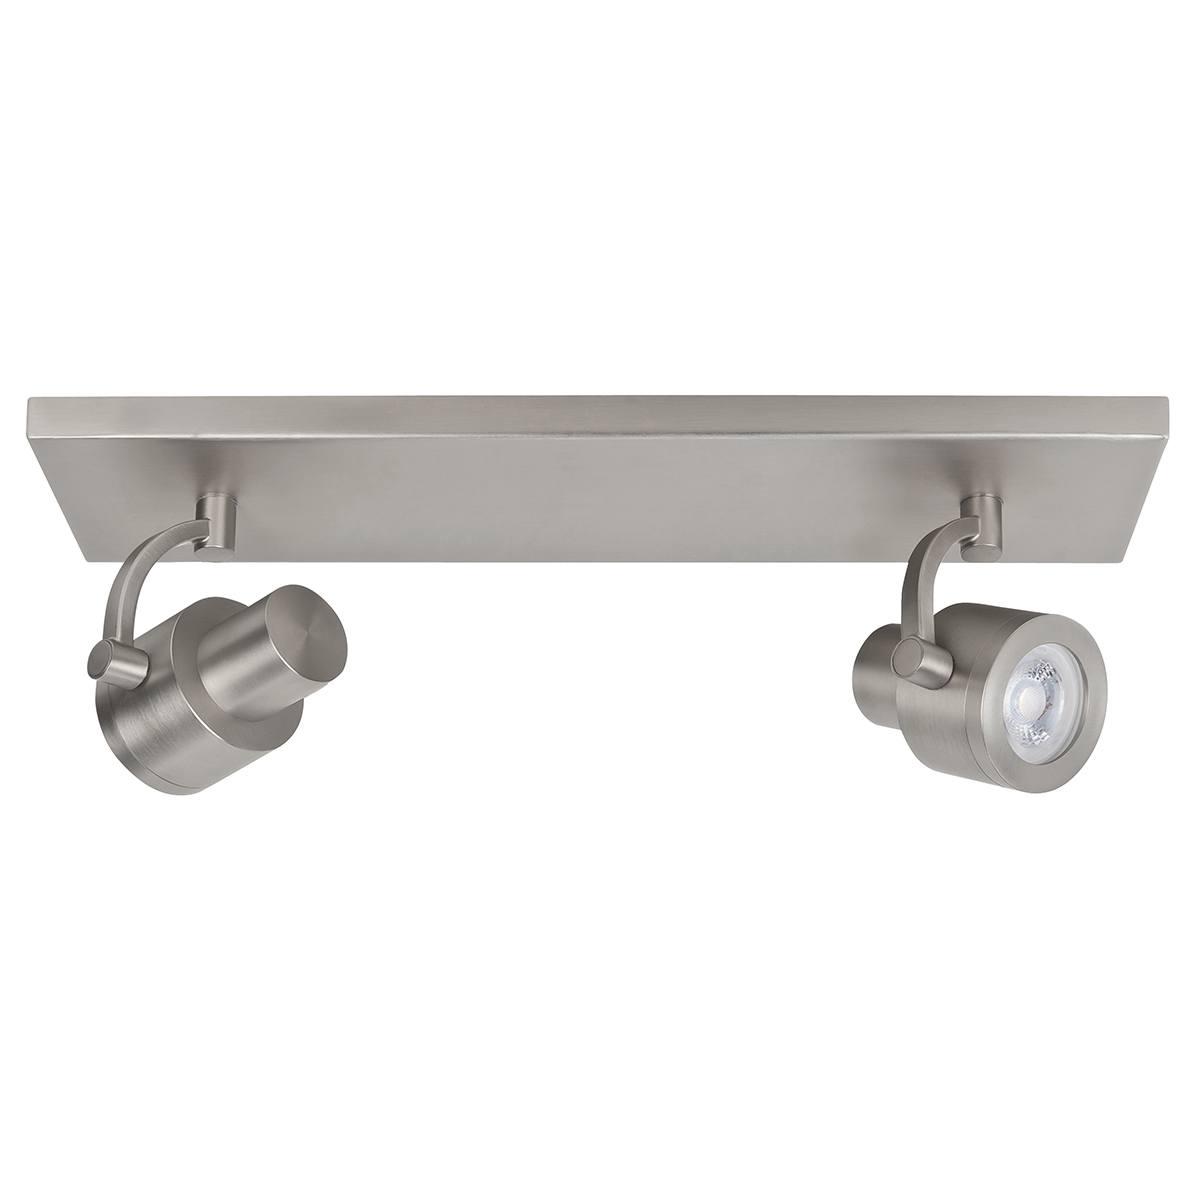 Alto Spot 2-lichts - plafondlamp met twee spots - GU10 Balk Mat Nikkel zonder lampen - Serie Alto - Spots - High Light - S739730